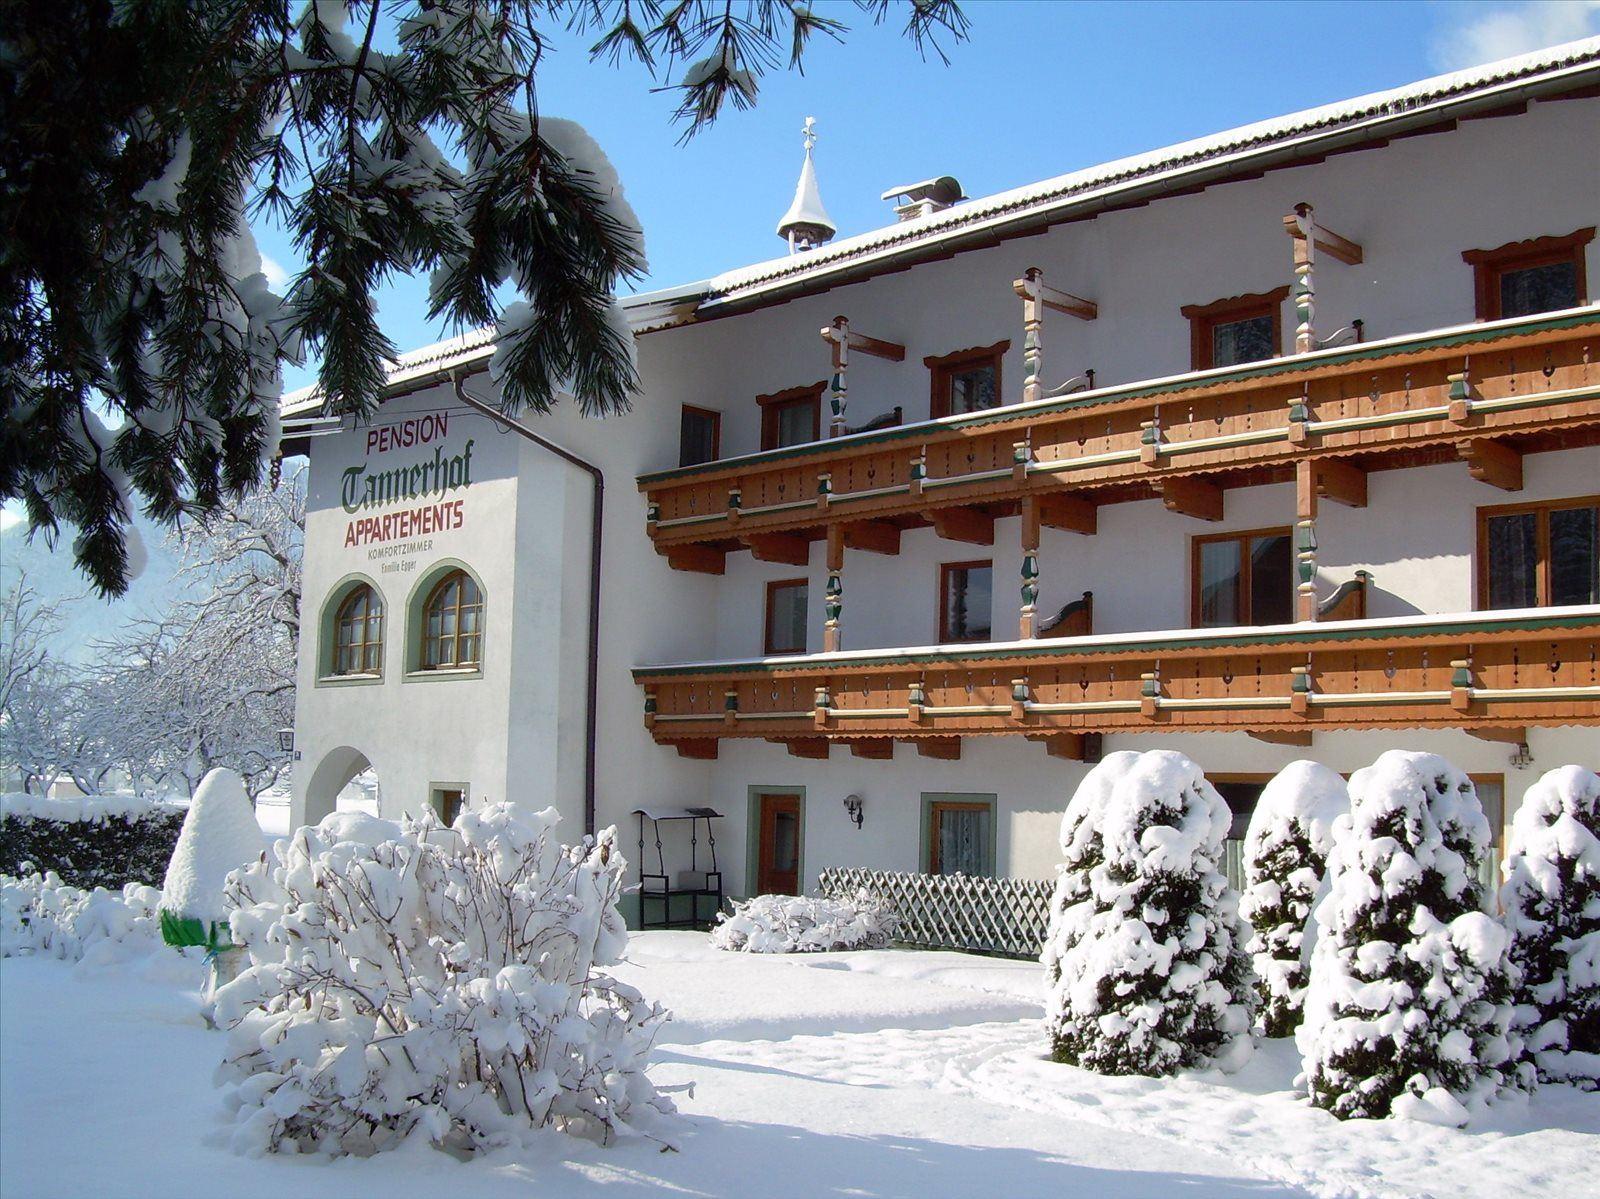 Pension Tannerhof - Zell am Ziller